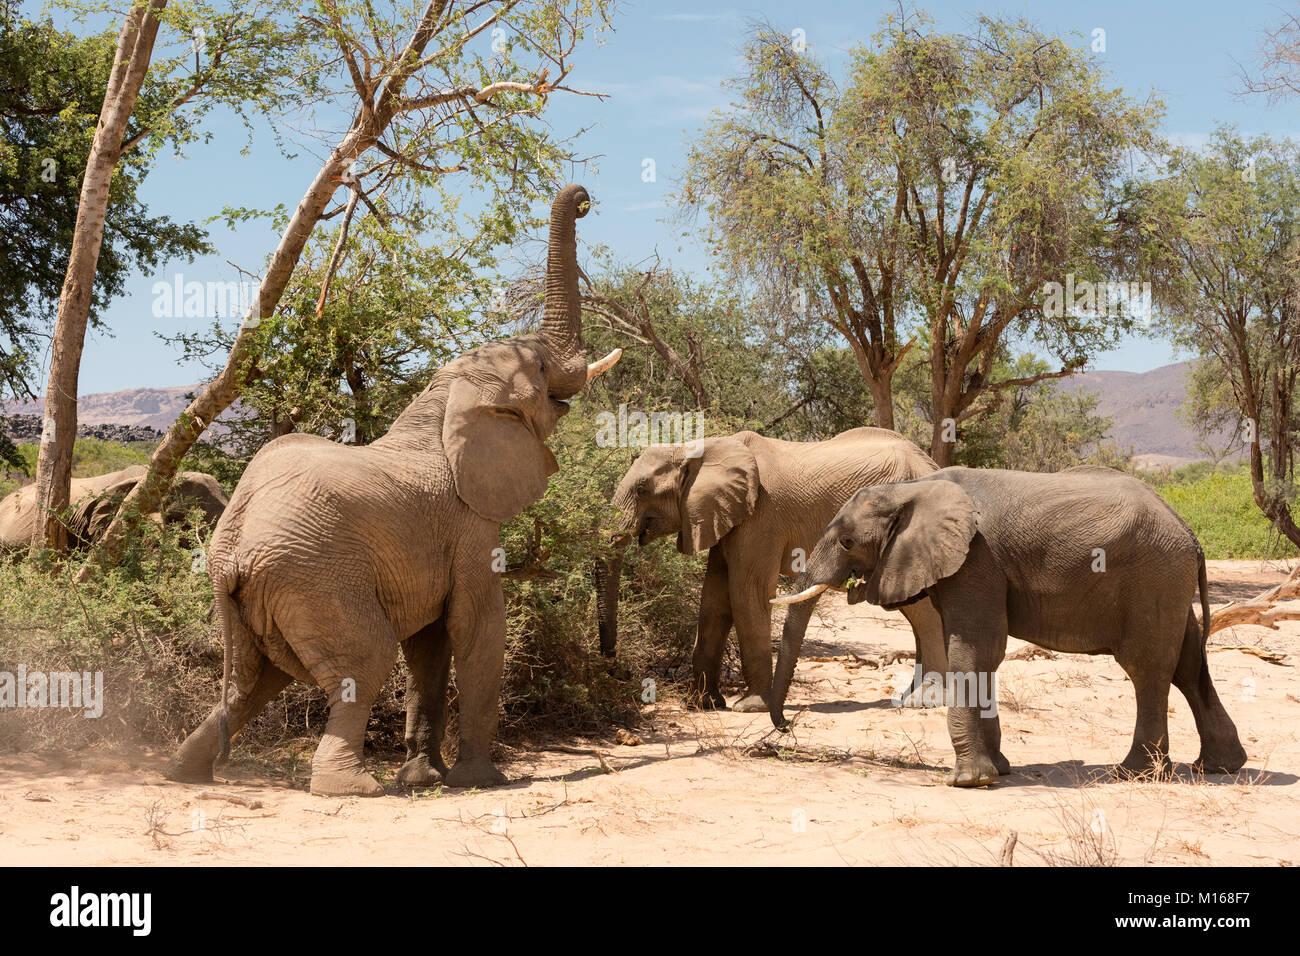 Un groupe d'Éléphants adaptés du désert se nourrir dans la rivière Huab Abu sec lit dans le Damaraland, Namibie. Banque D'Images